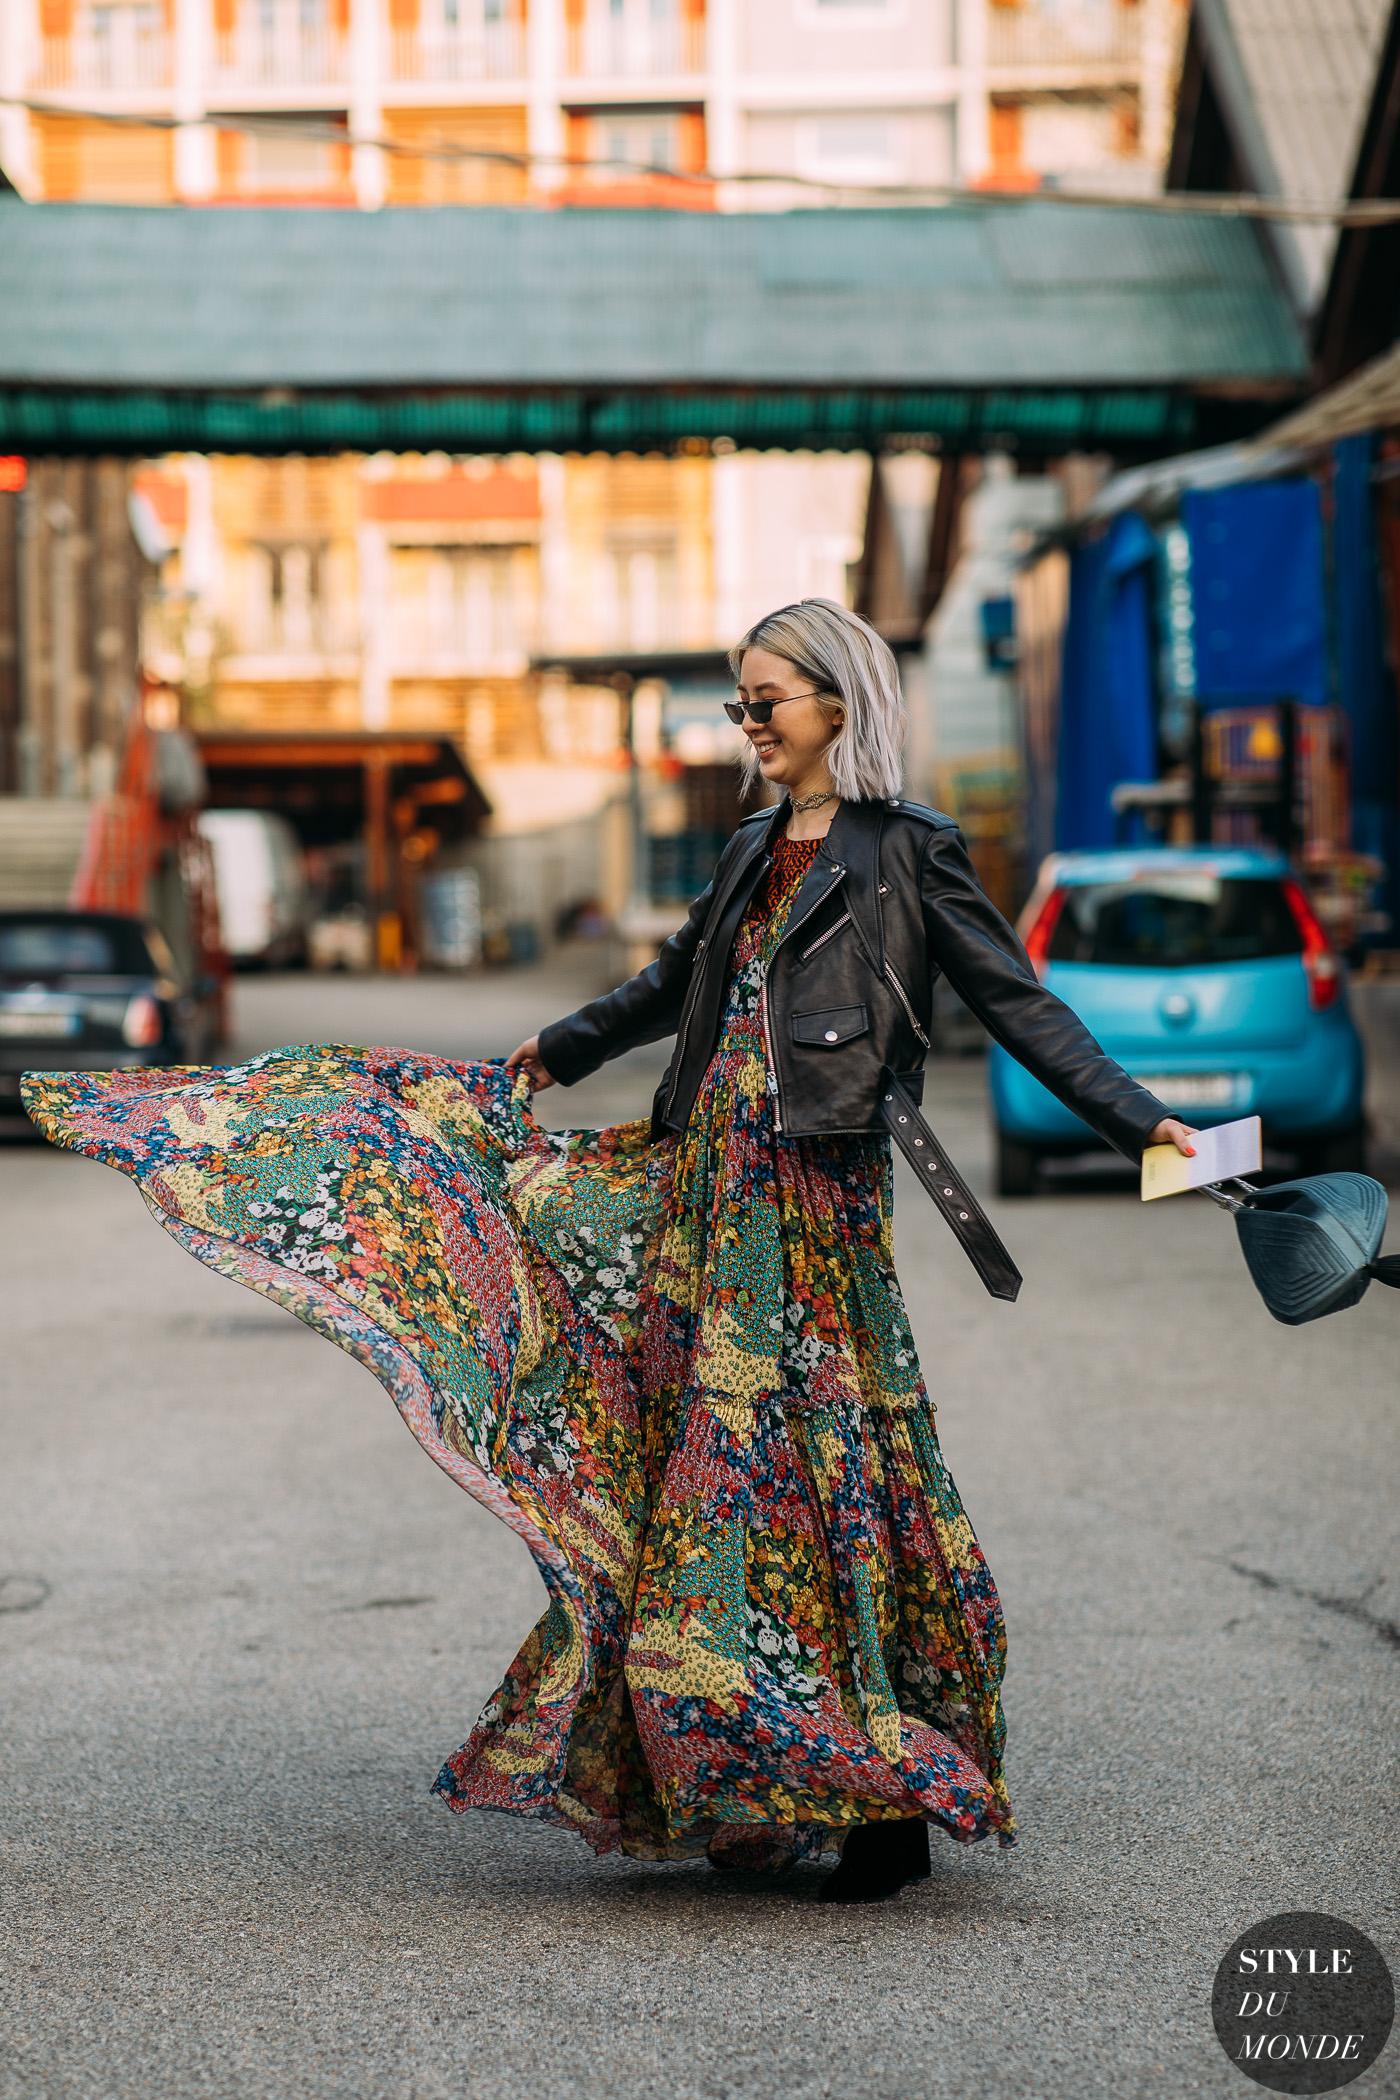 tín đồ thời trang Irene Kim diện jacket thuộc da đen, đầm họa tiết hoa